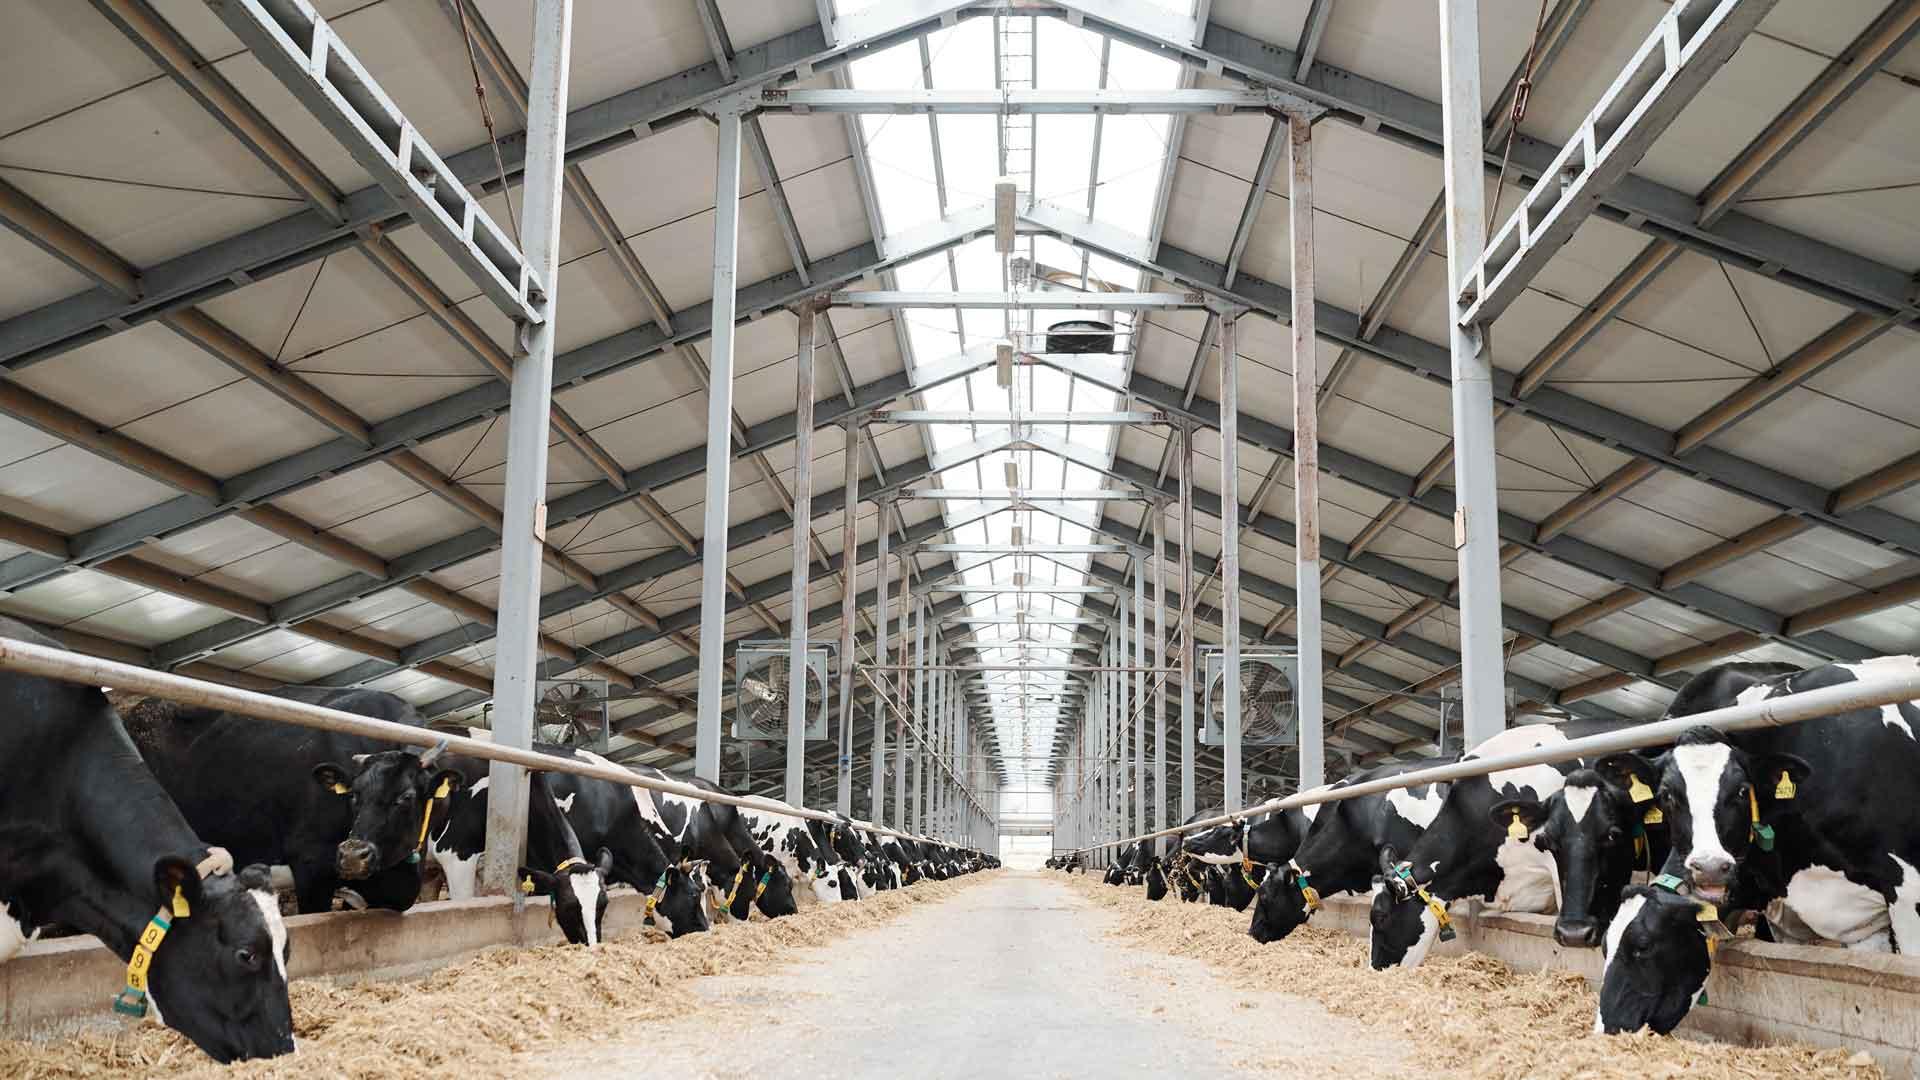 Entwaldung: Kühe im Kuhstall werden gefüttert